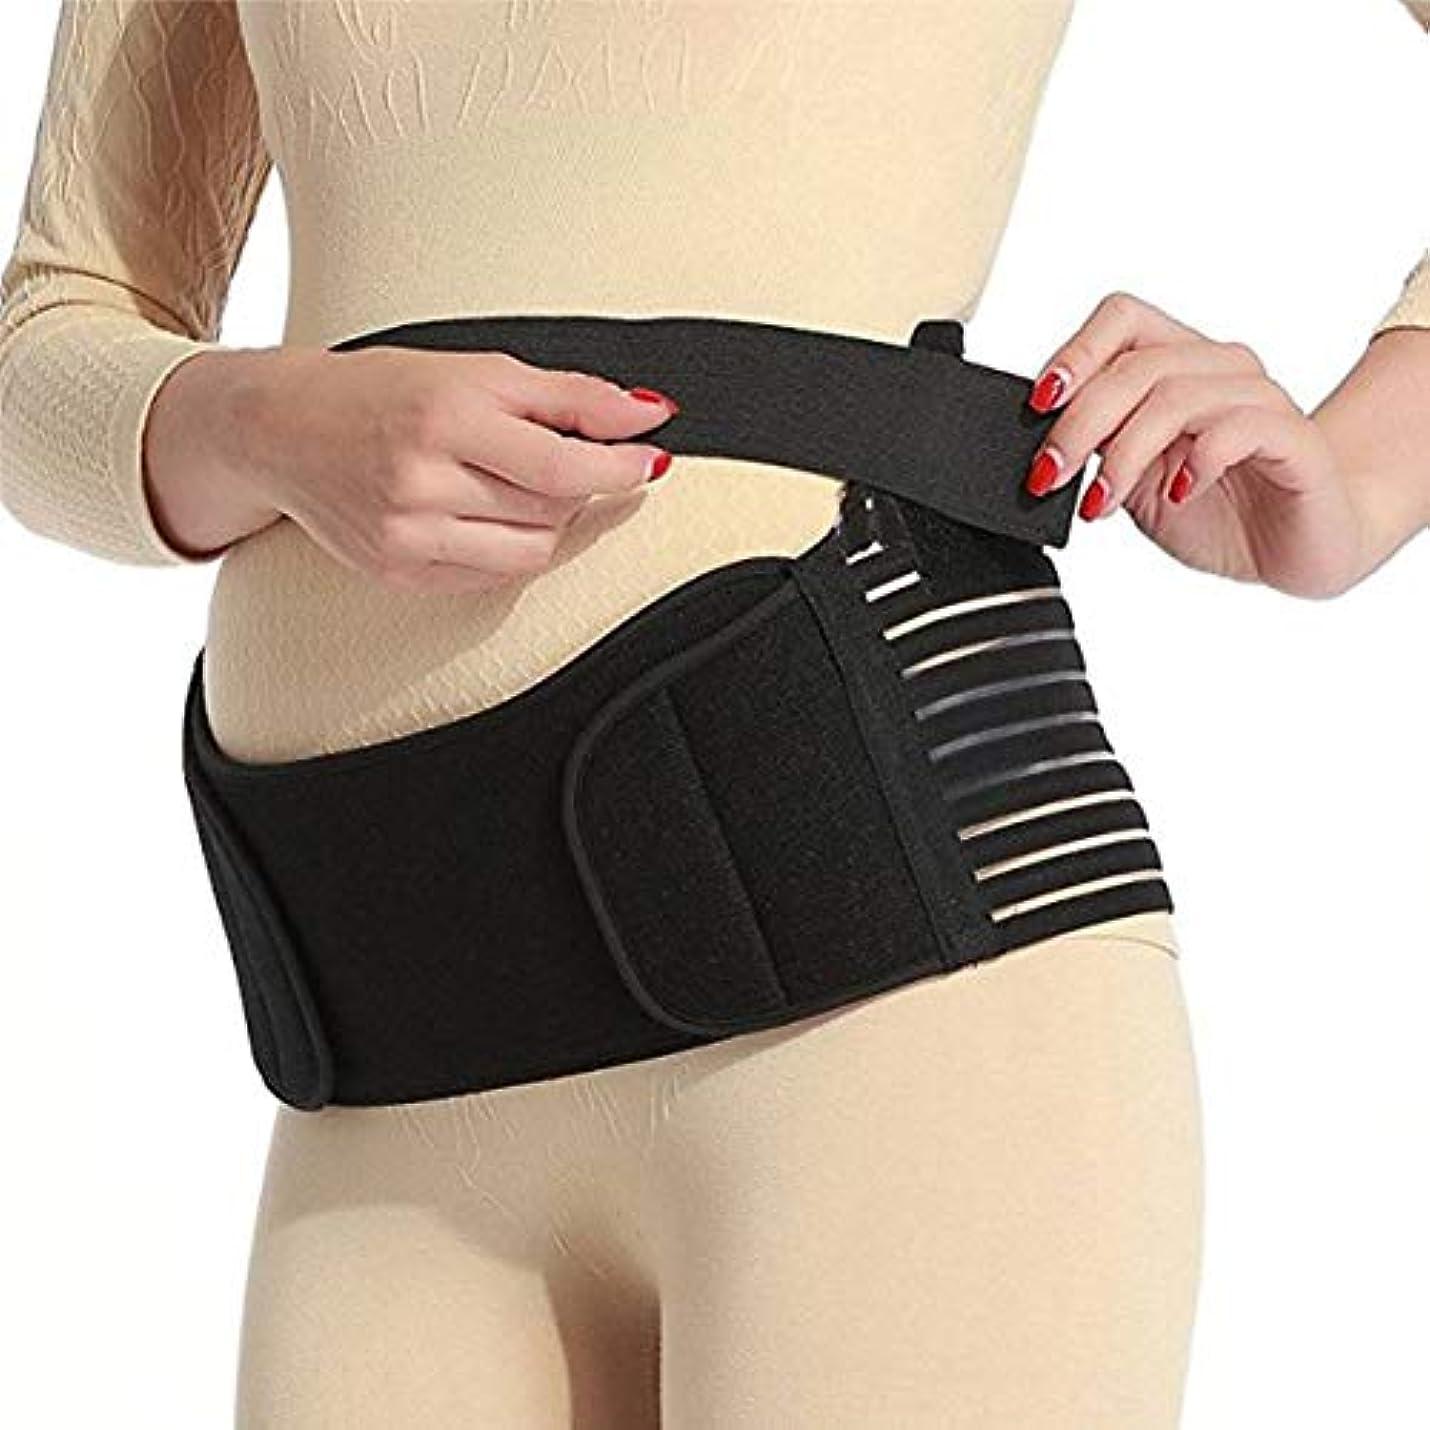 同情マージ成熟した通気性マタニティベルト妊娠中の腹部サポート腹部バインダーガードル運動包帯産後の回復shapewear - ブラックM